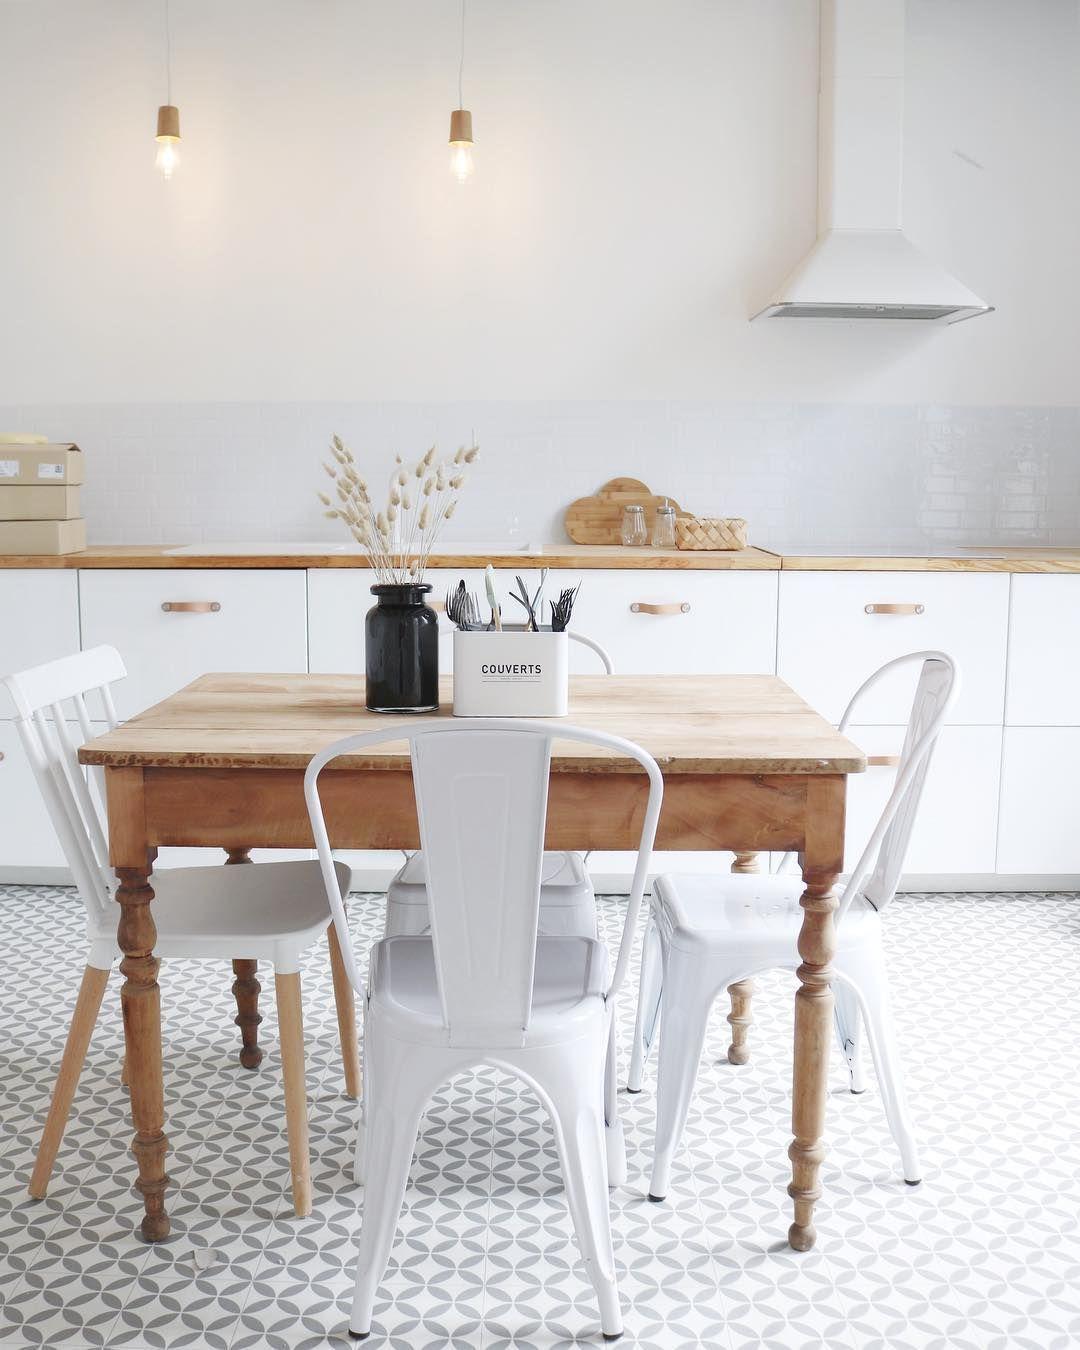 G A E L L E On Instagram Comme J Ai Hate De Cuisiner Ici Vivement Kitchendesi Cuisine Moderne Blanche Idees De Cuisine Moderne Deco Maison Ancienne